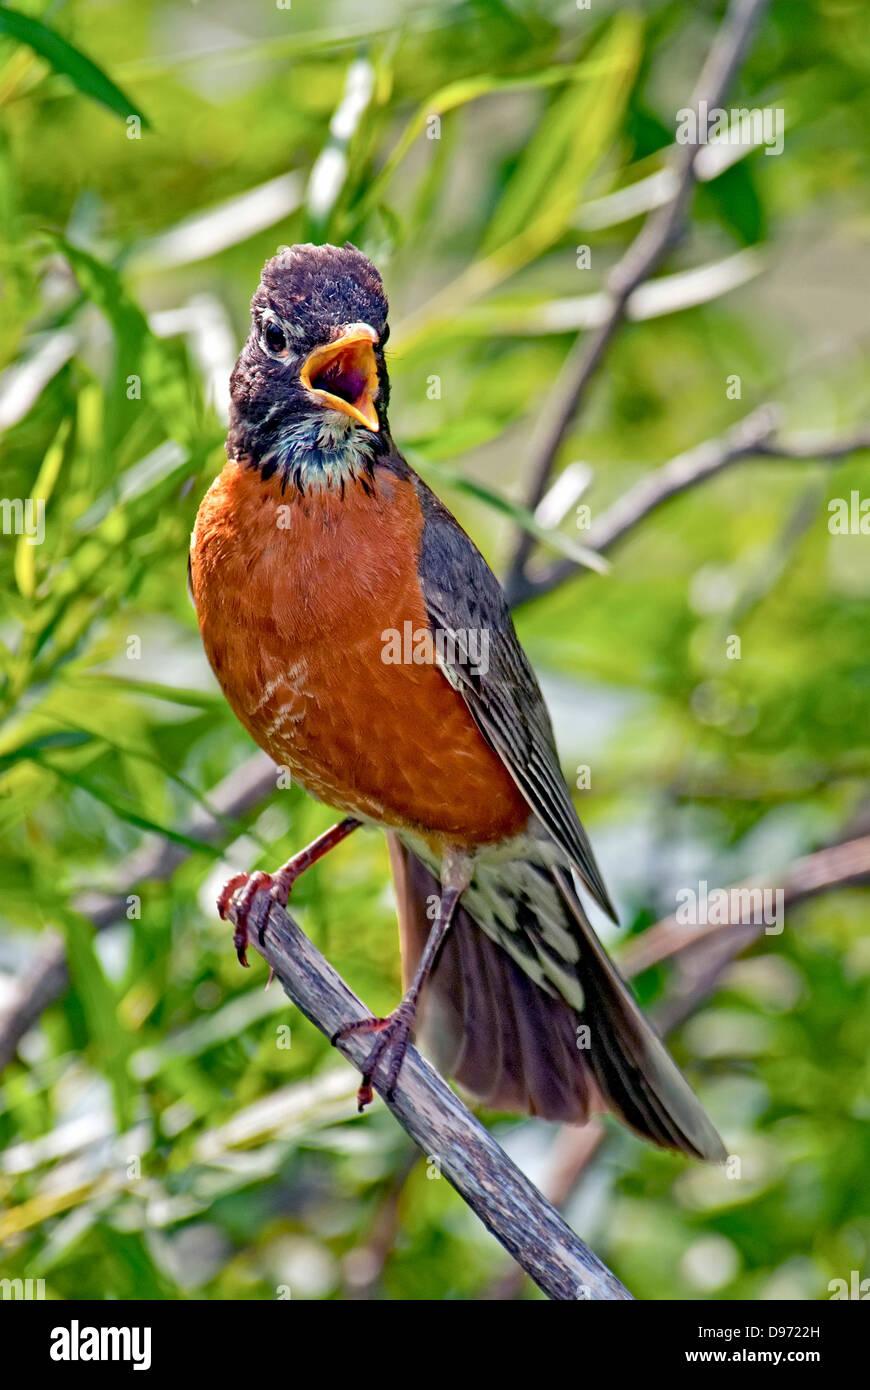 American Robin,Turdus migratorius sings - Stock Image